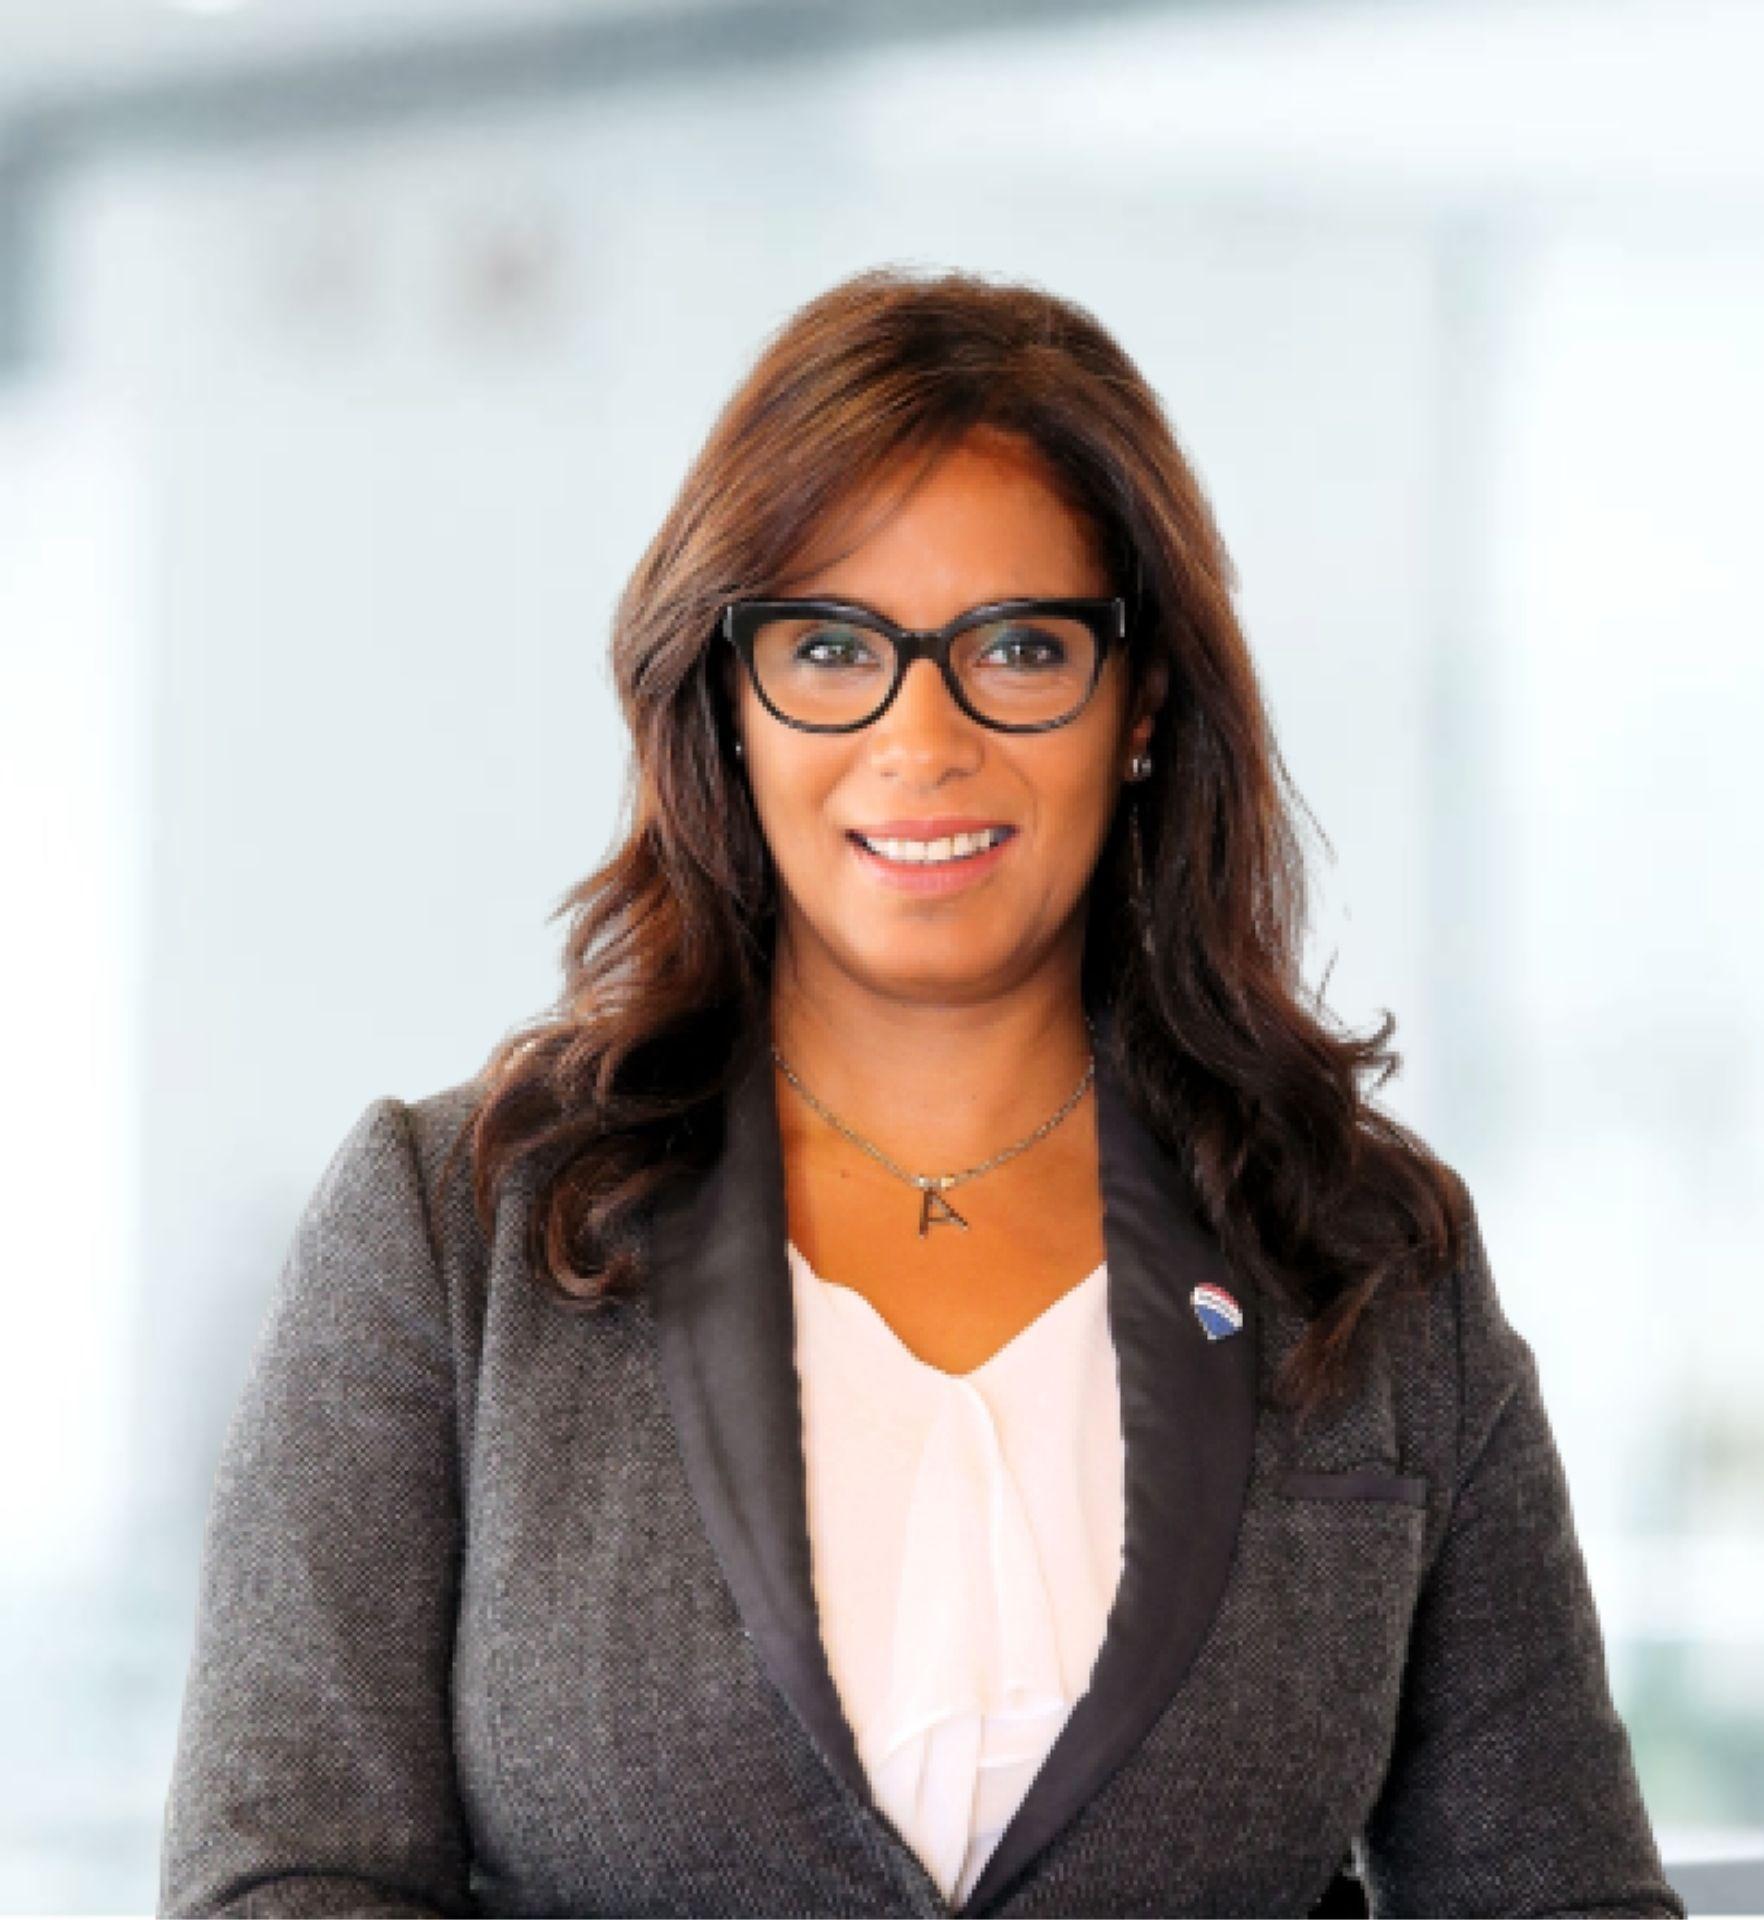 Arlene Gómez Bonilla